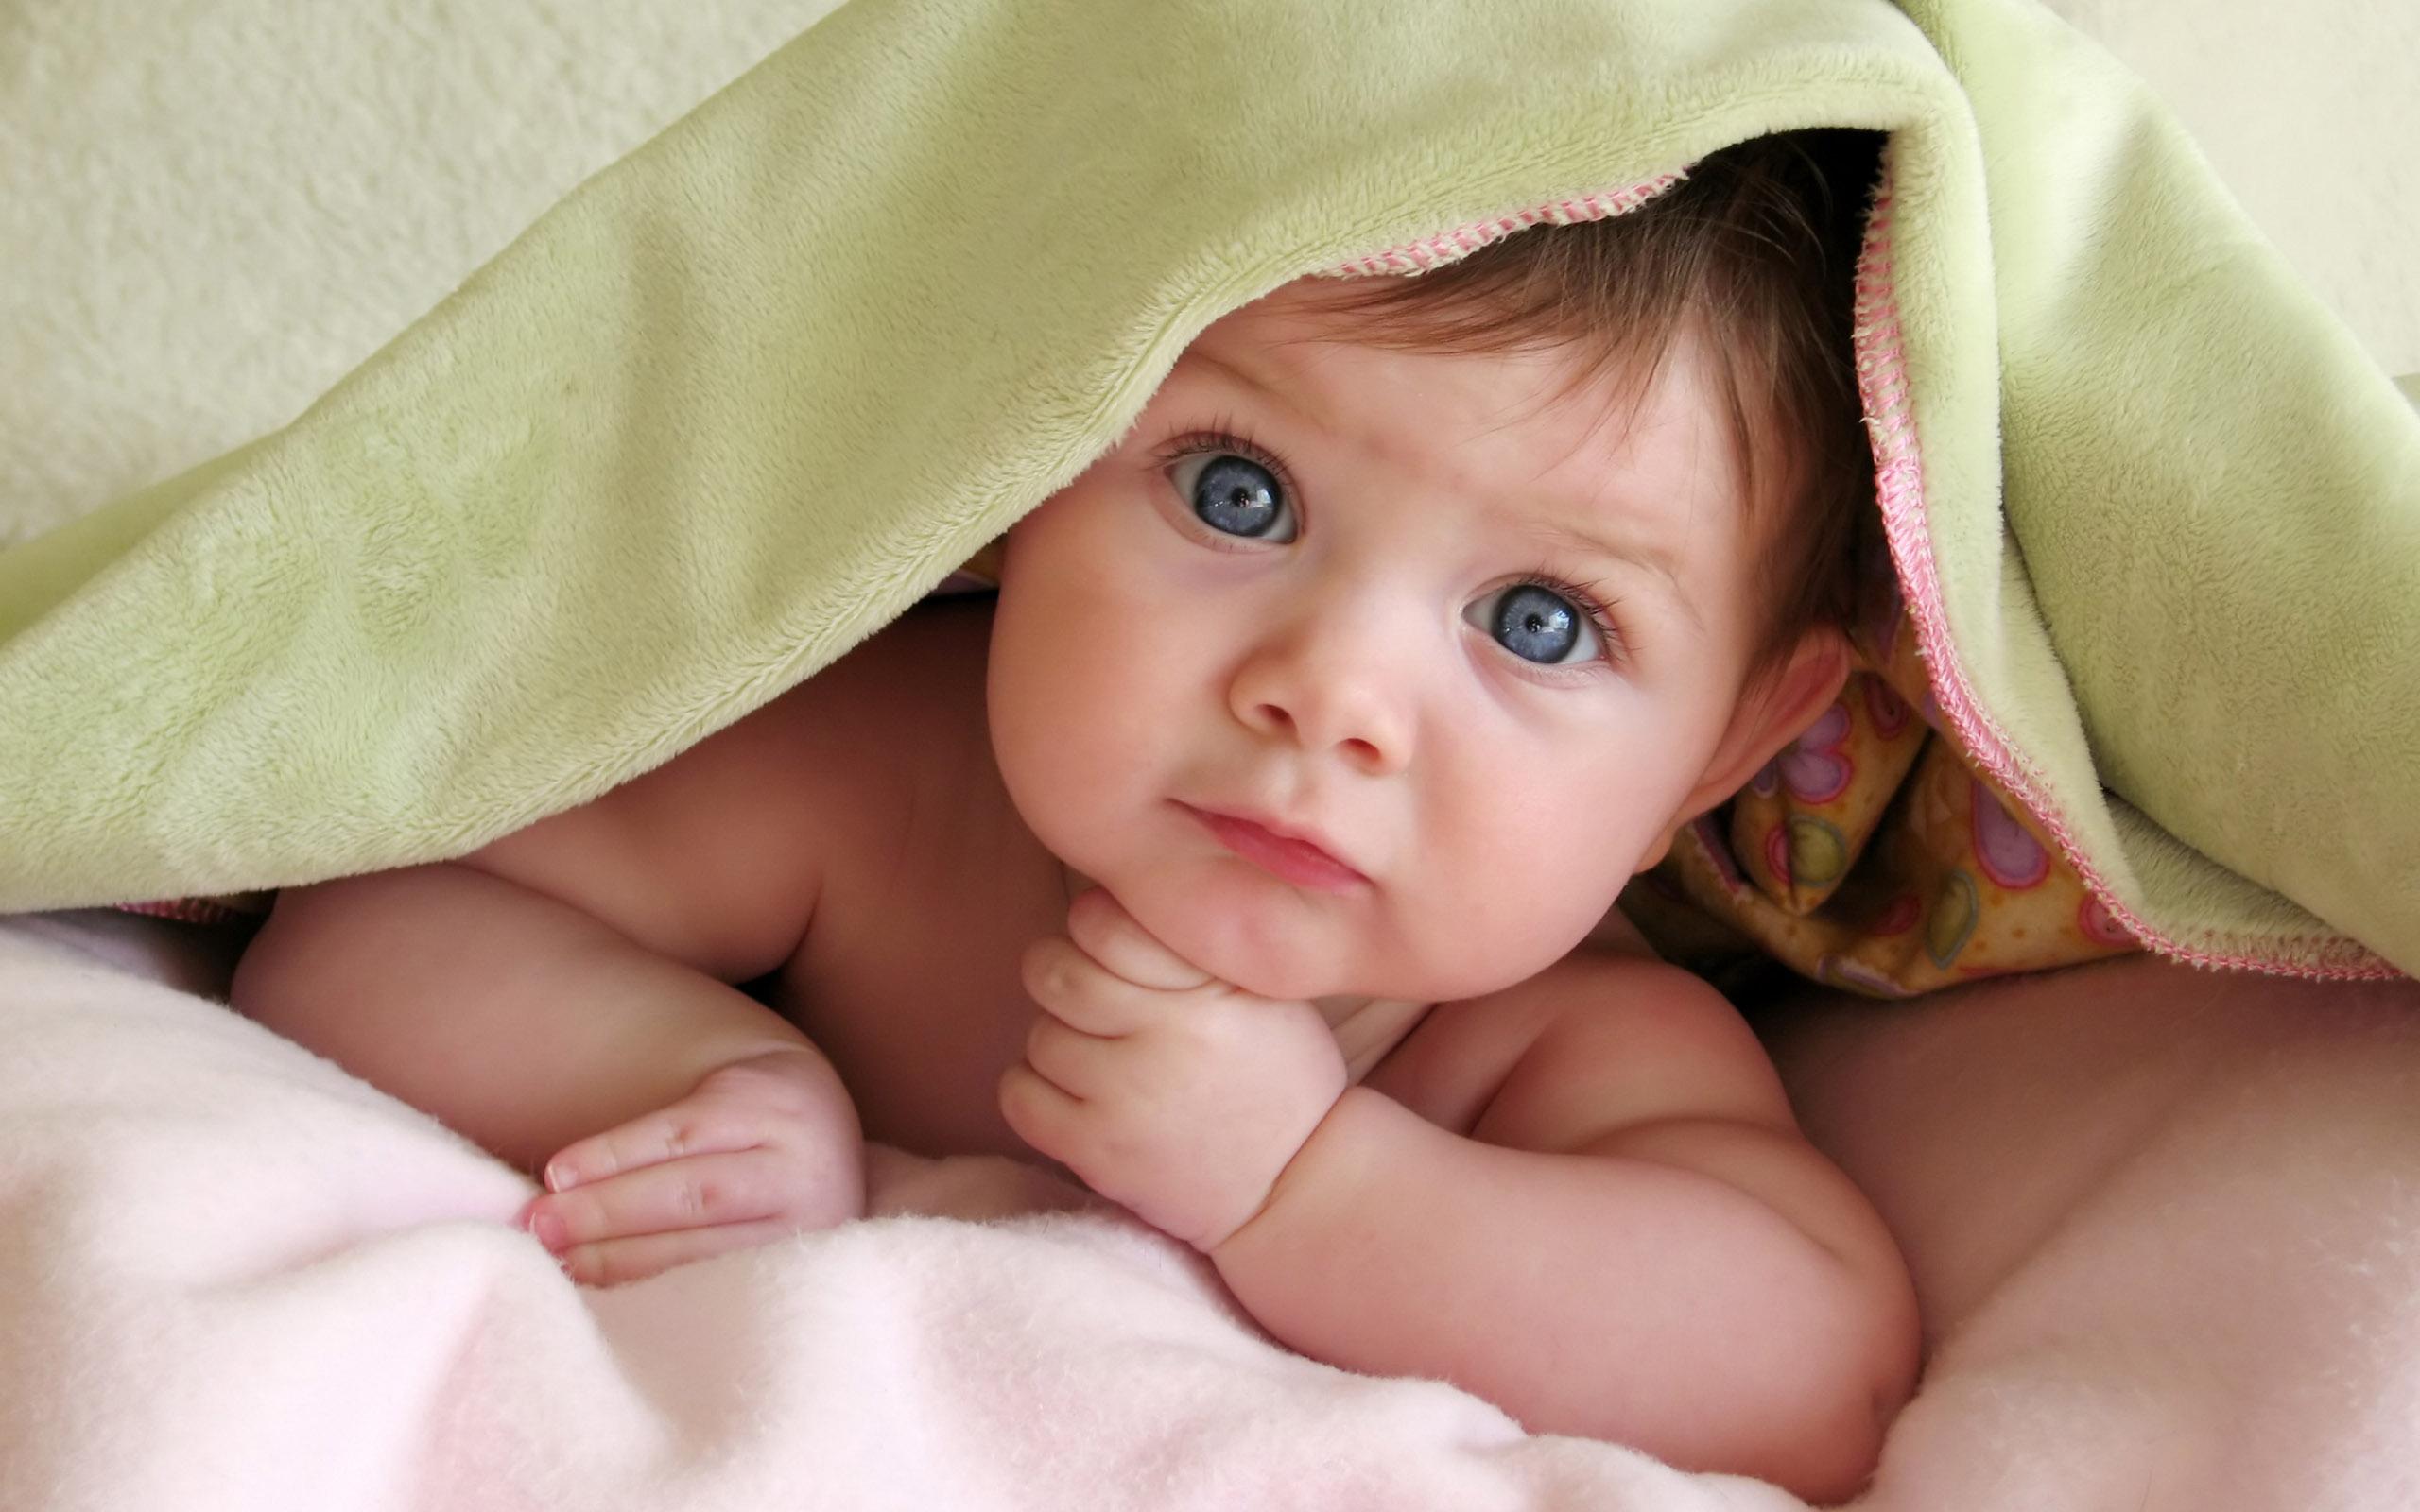 超宽屏可爱的宝宝(2560x1600)壁纸 - 桌面壁纸【壁纸